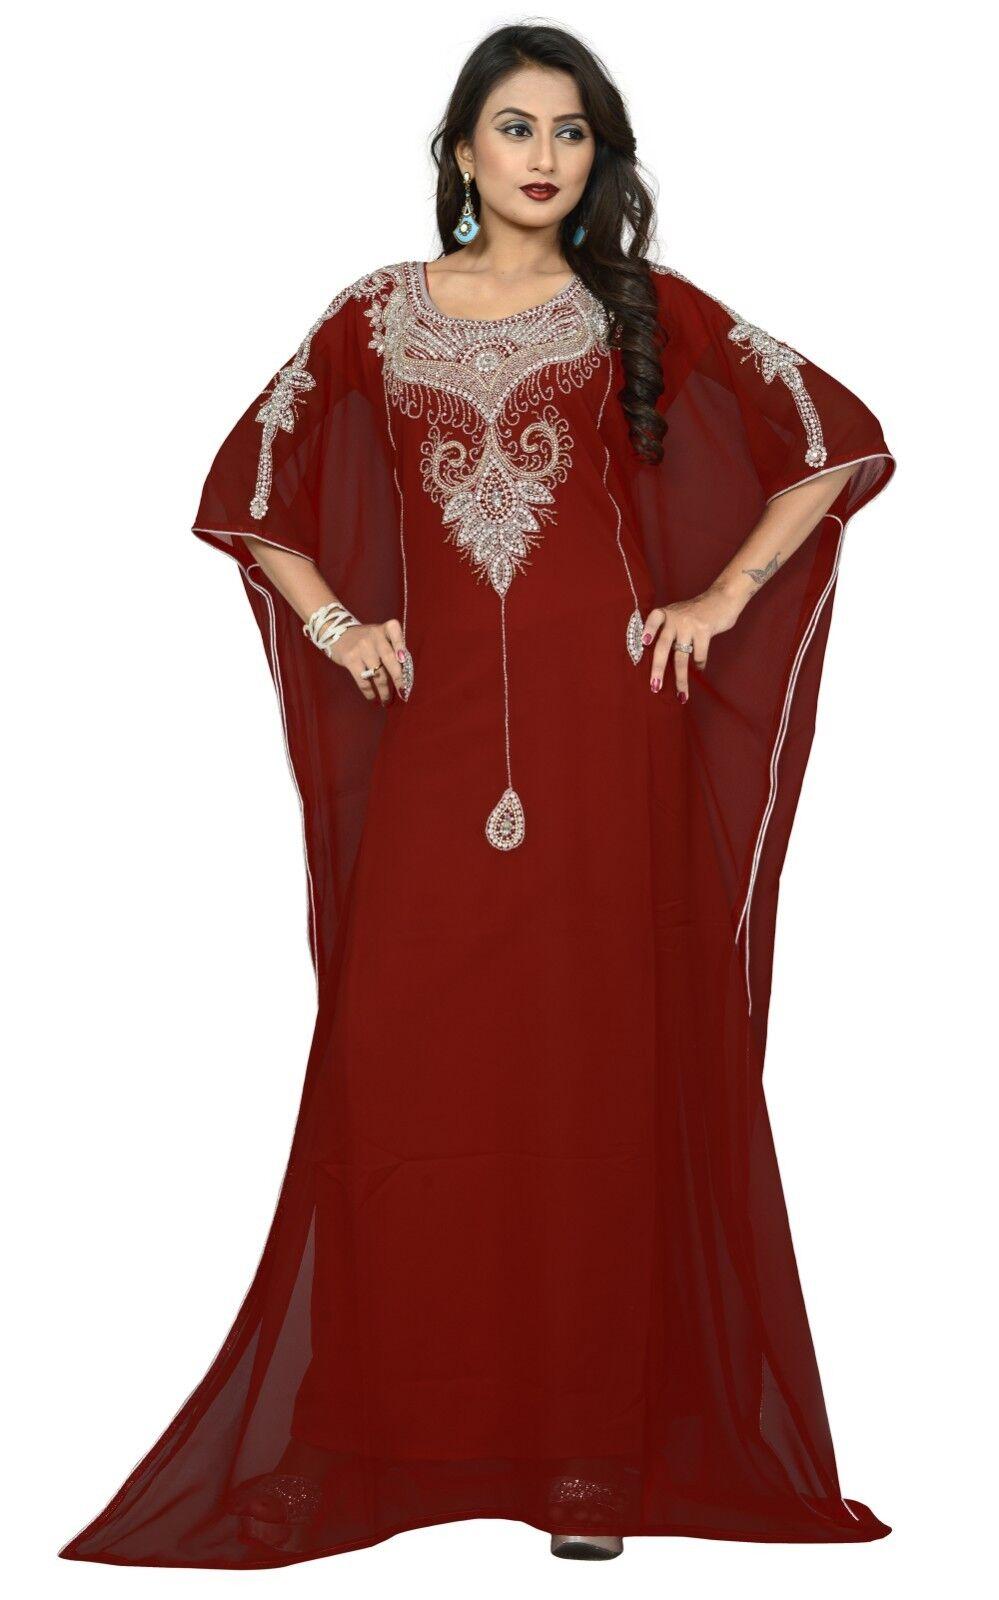 Dubai HAND EMBROIDERED Farasha Kaftan Caftan Jalabiya Maxi Maxi Maxi Dress FREE SIZE - N28 364fbb